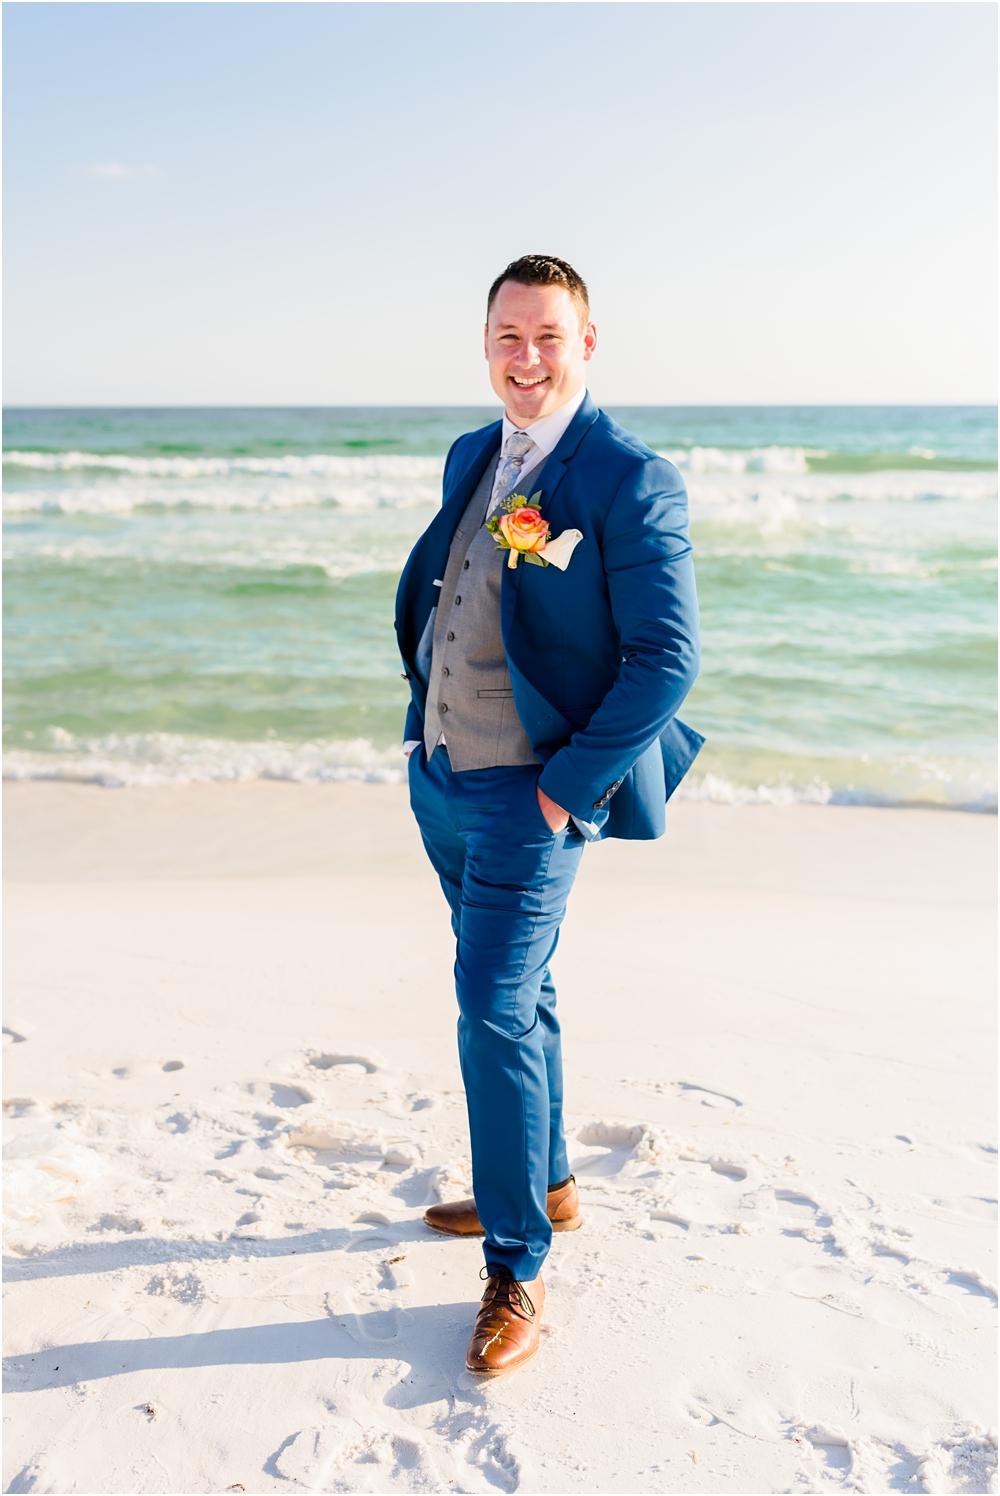 destin-sunquest-cruise-wedding-kiersten-stevenson-photography-85.jpg